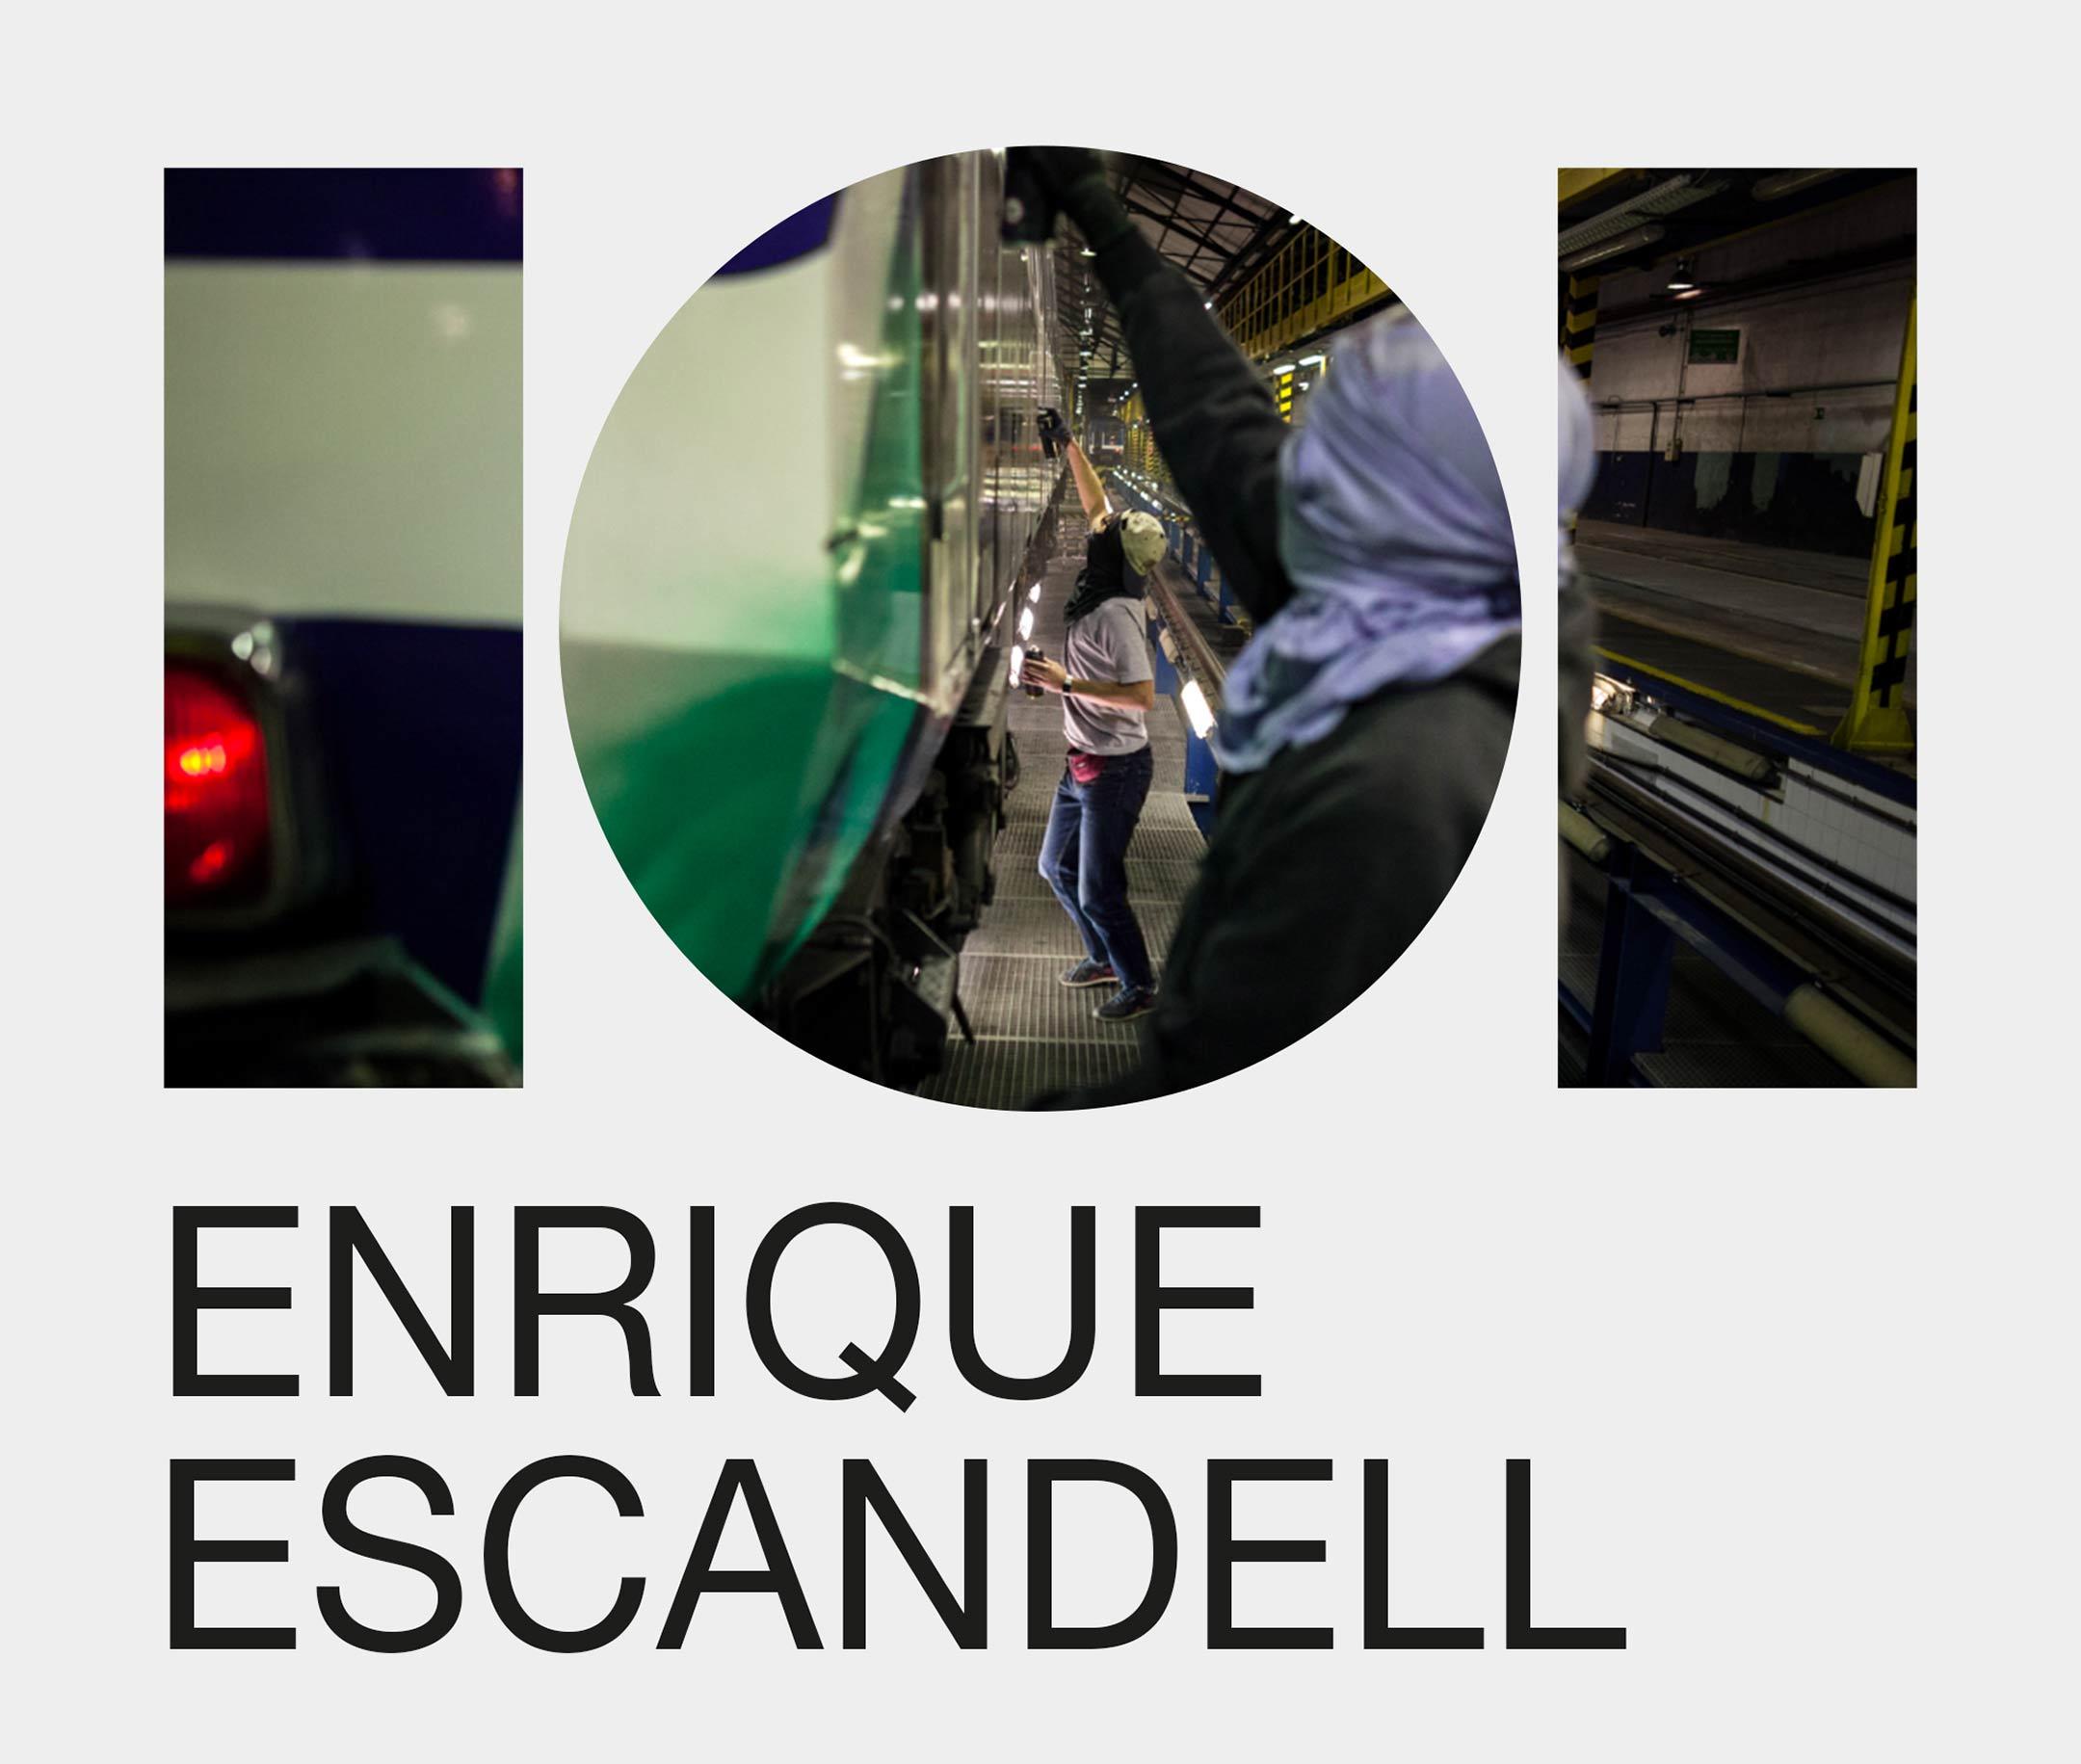 ENRIQUE-ESCANDELL_IG